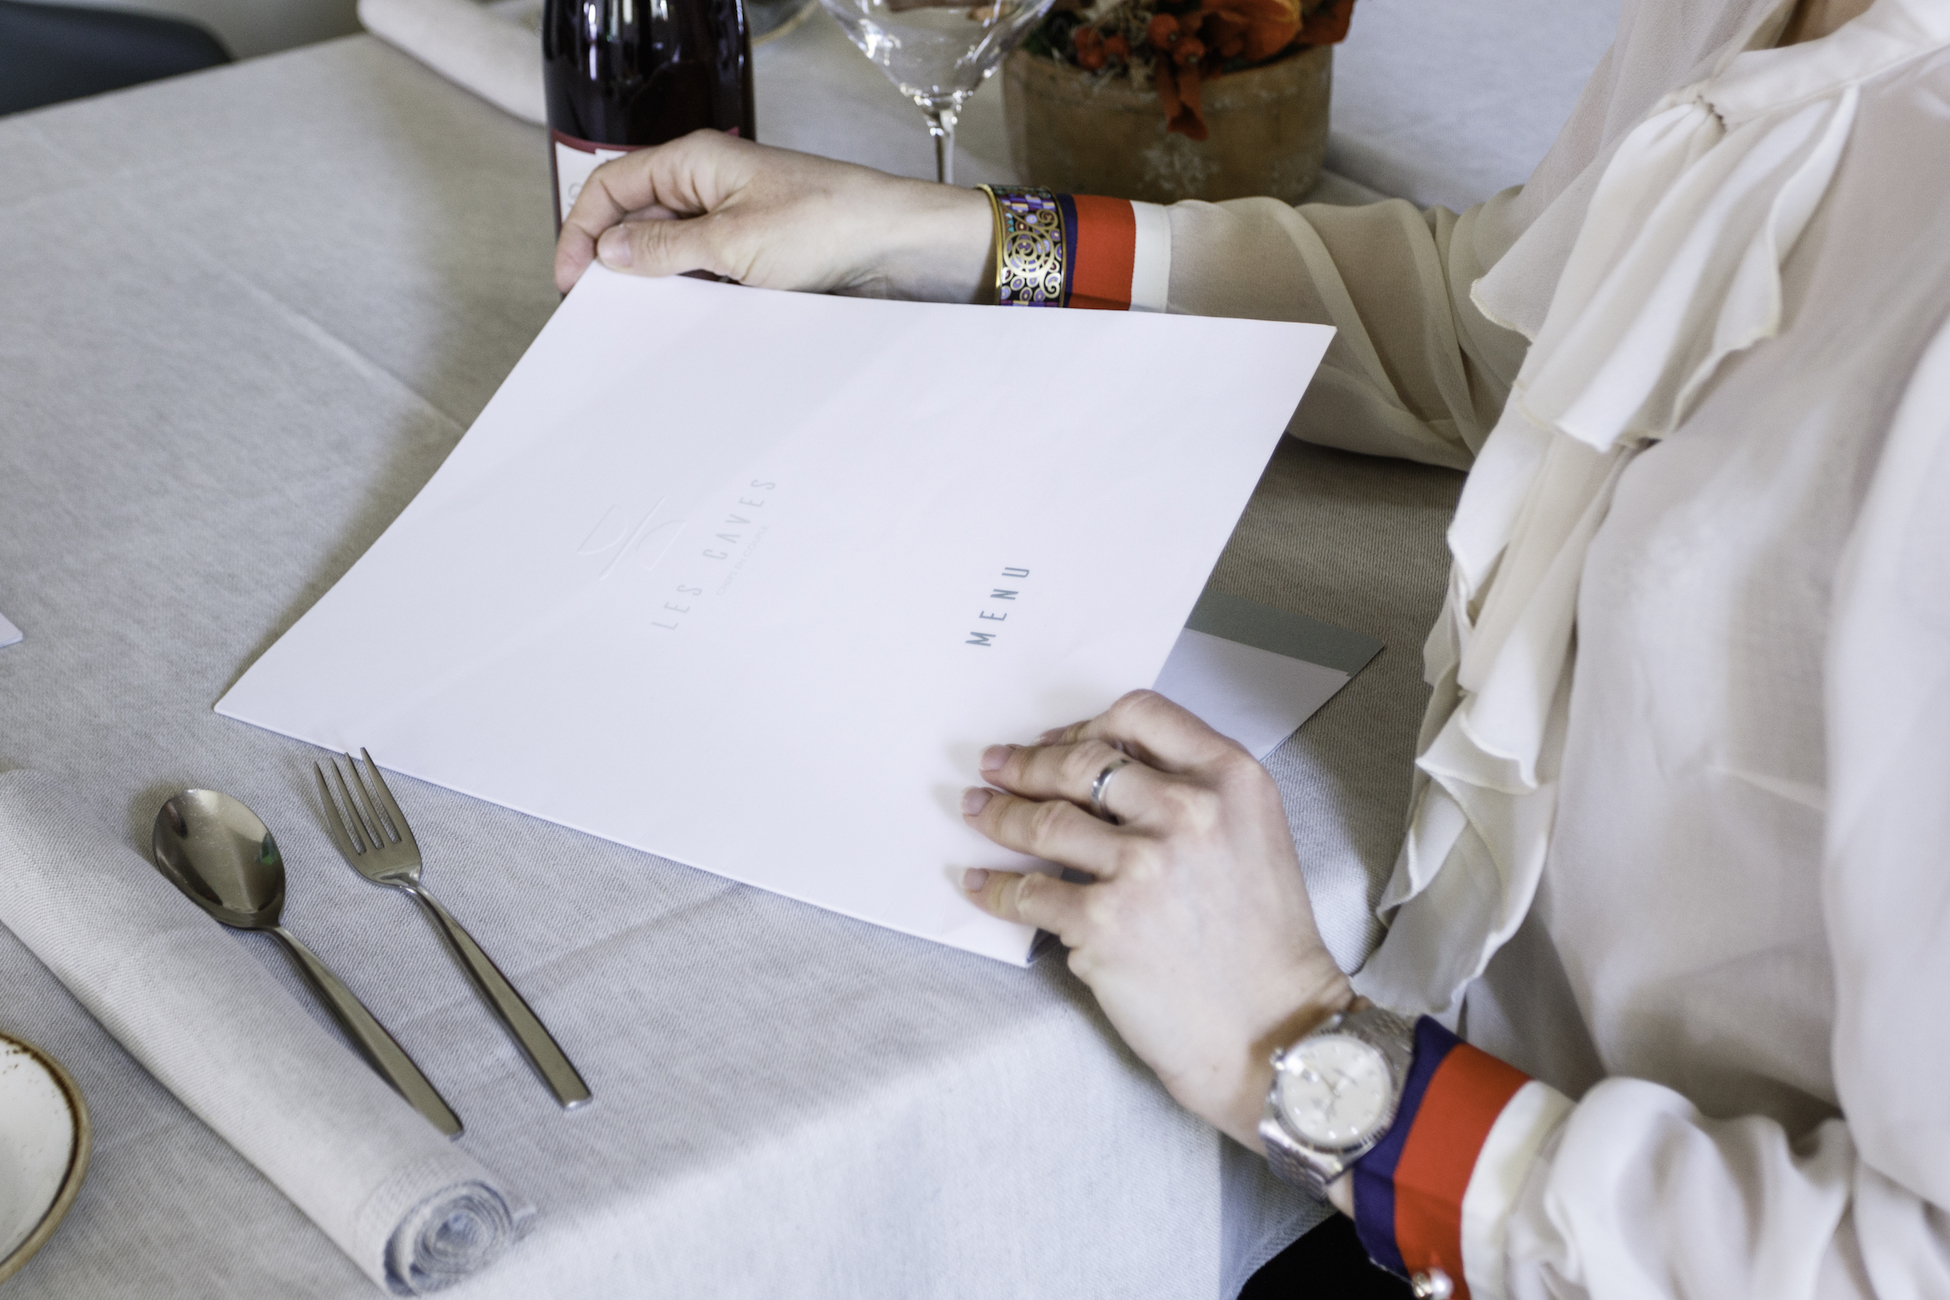 cucina-gourmet-parma-ristorante-les-caves